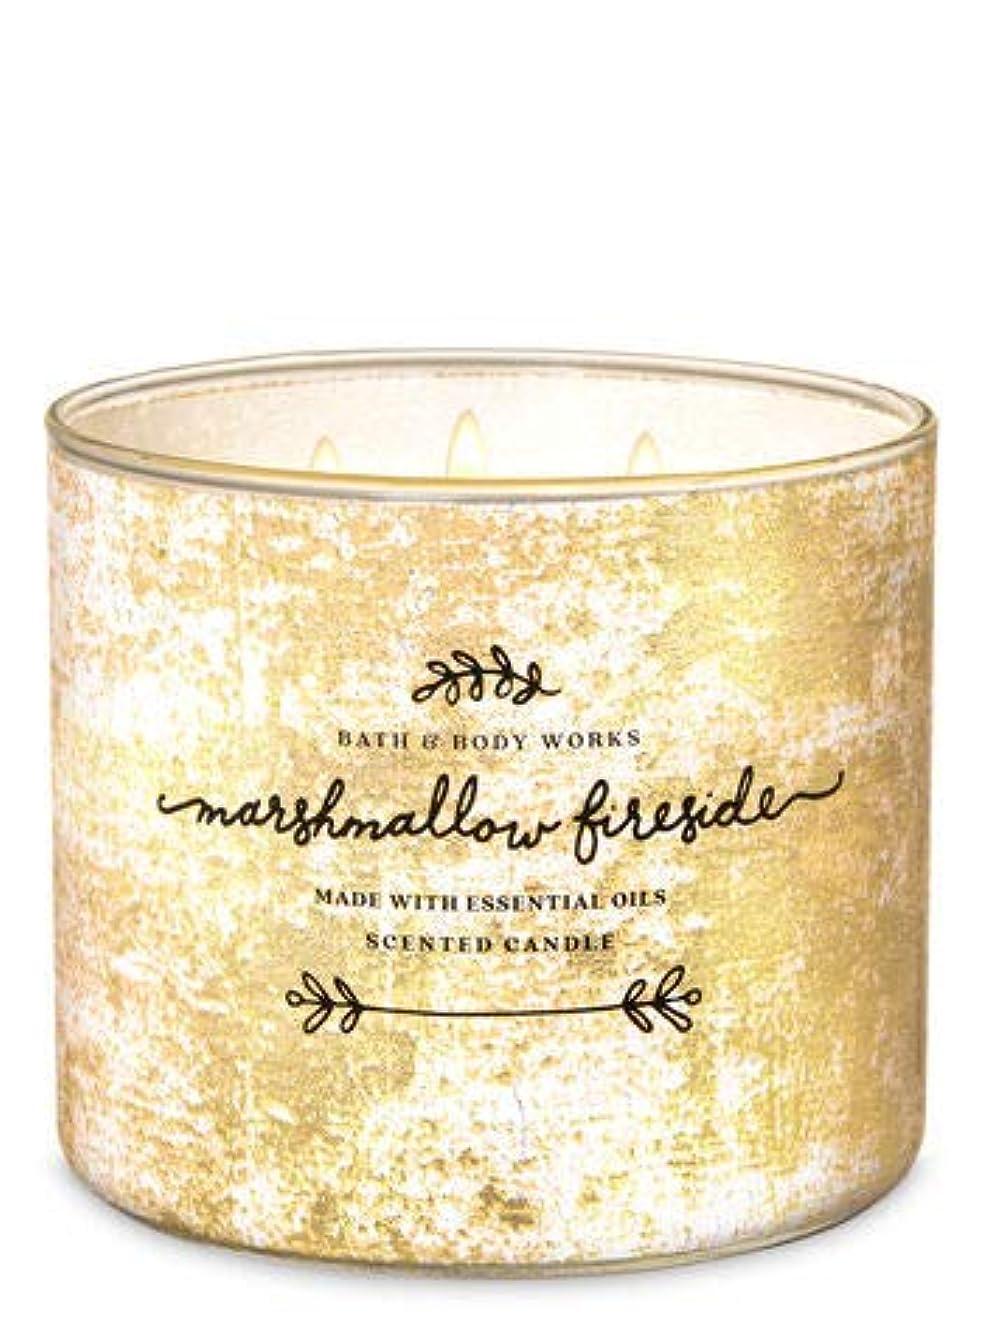 投げ捨てるボリュームバック【Bath&Body Works/バス&ボディワークス】 アロマ キャンドル マシュマロファイヤーサイド 3-Wick Scented Candle Marshmallow Fireside 14.5oz/411g [並行輸入品]